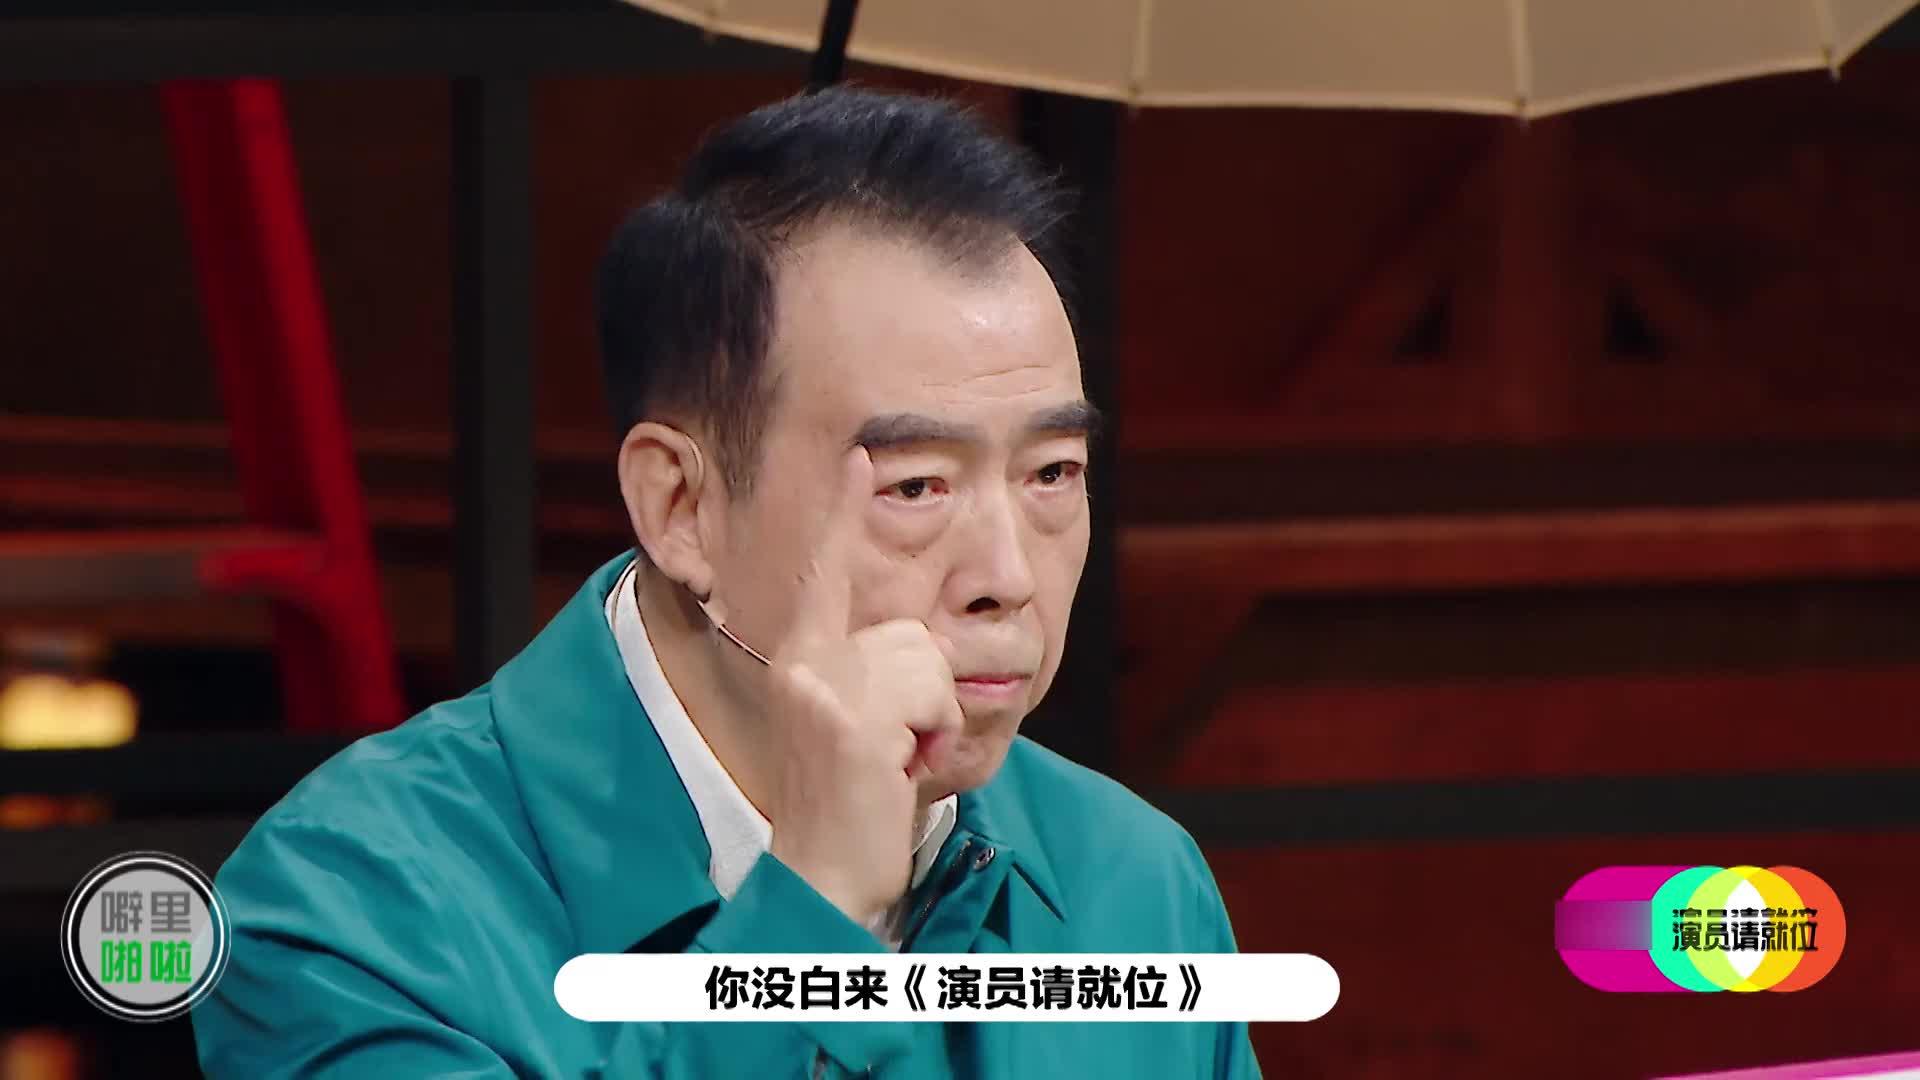 演员请就位预告:甄嬛传排练翻车,陈宥维却被表扬